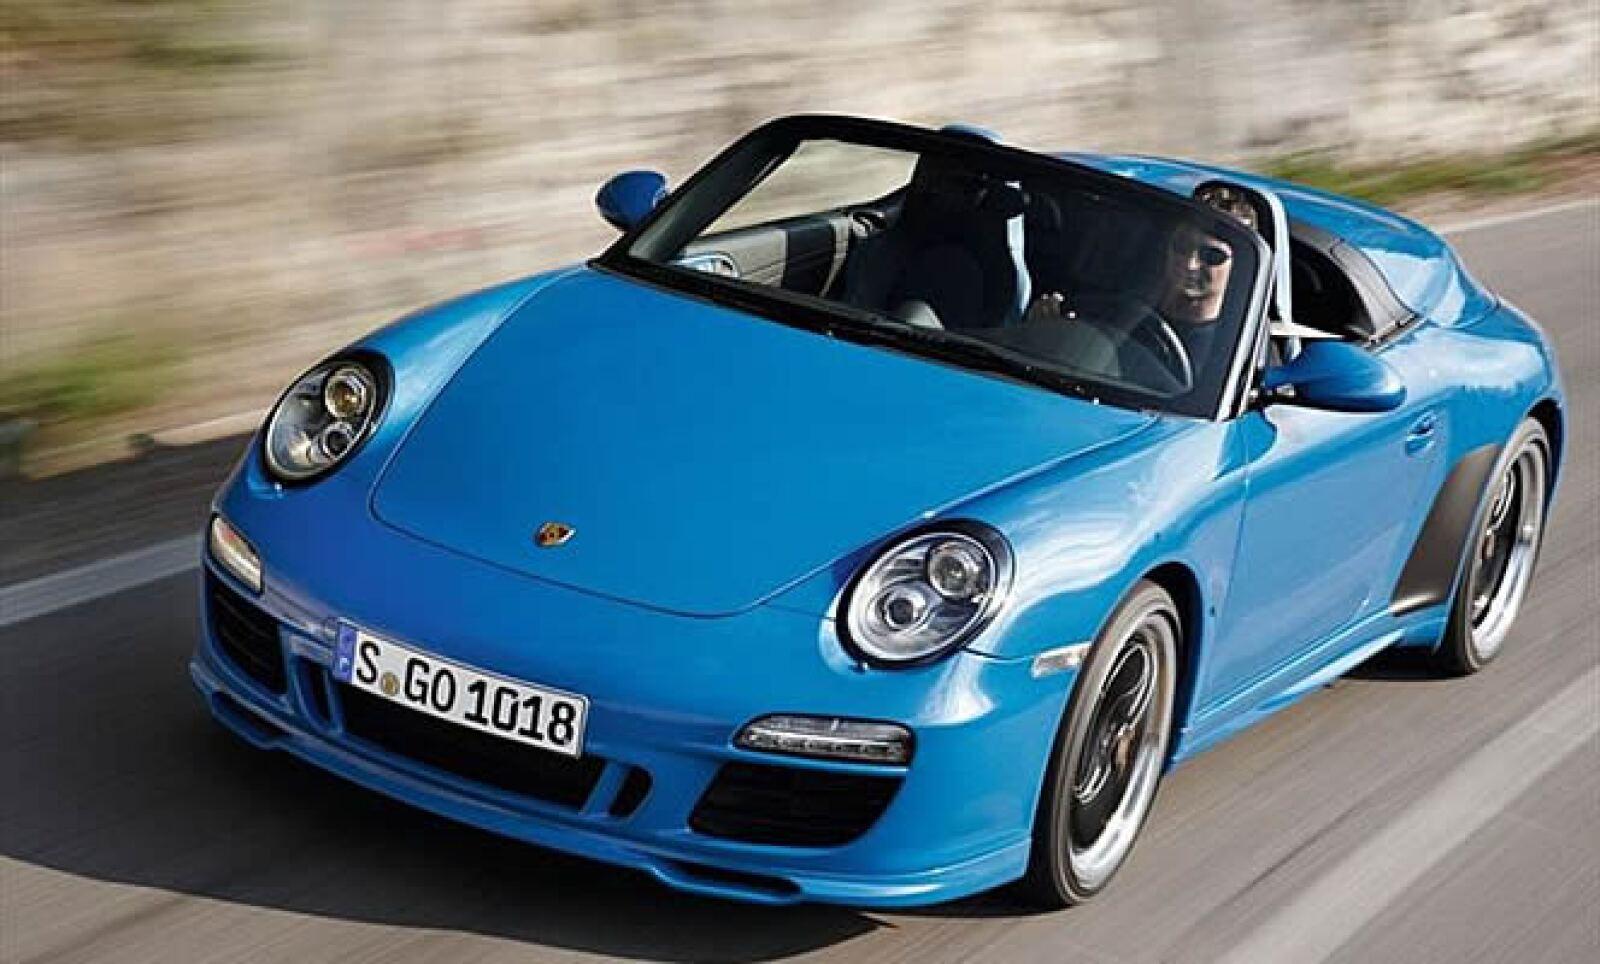 La alemana Porsche le exprime todavía más jugo a su emblemático 911, en esta ocasión con una edición limitada a 356 unidades (en honor al Porsche 356, que fuera el primero en ser denominado como Speedster).